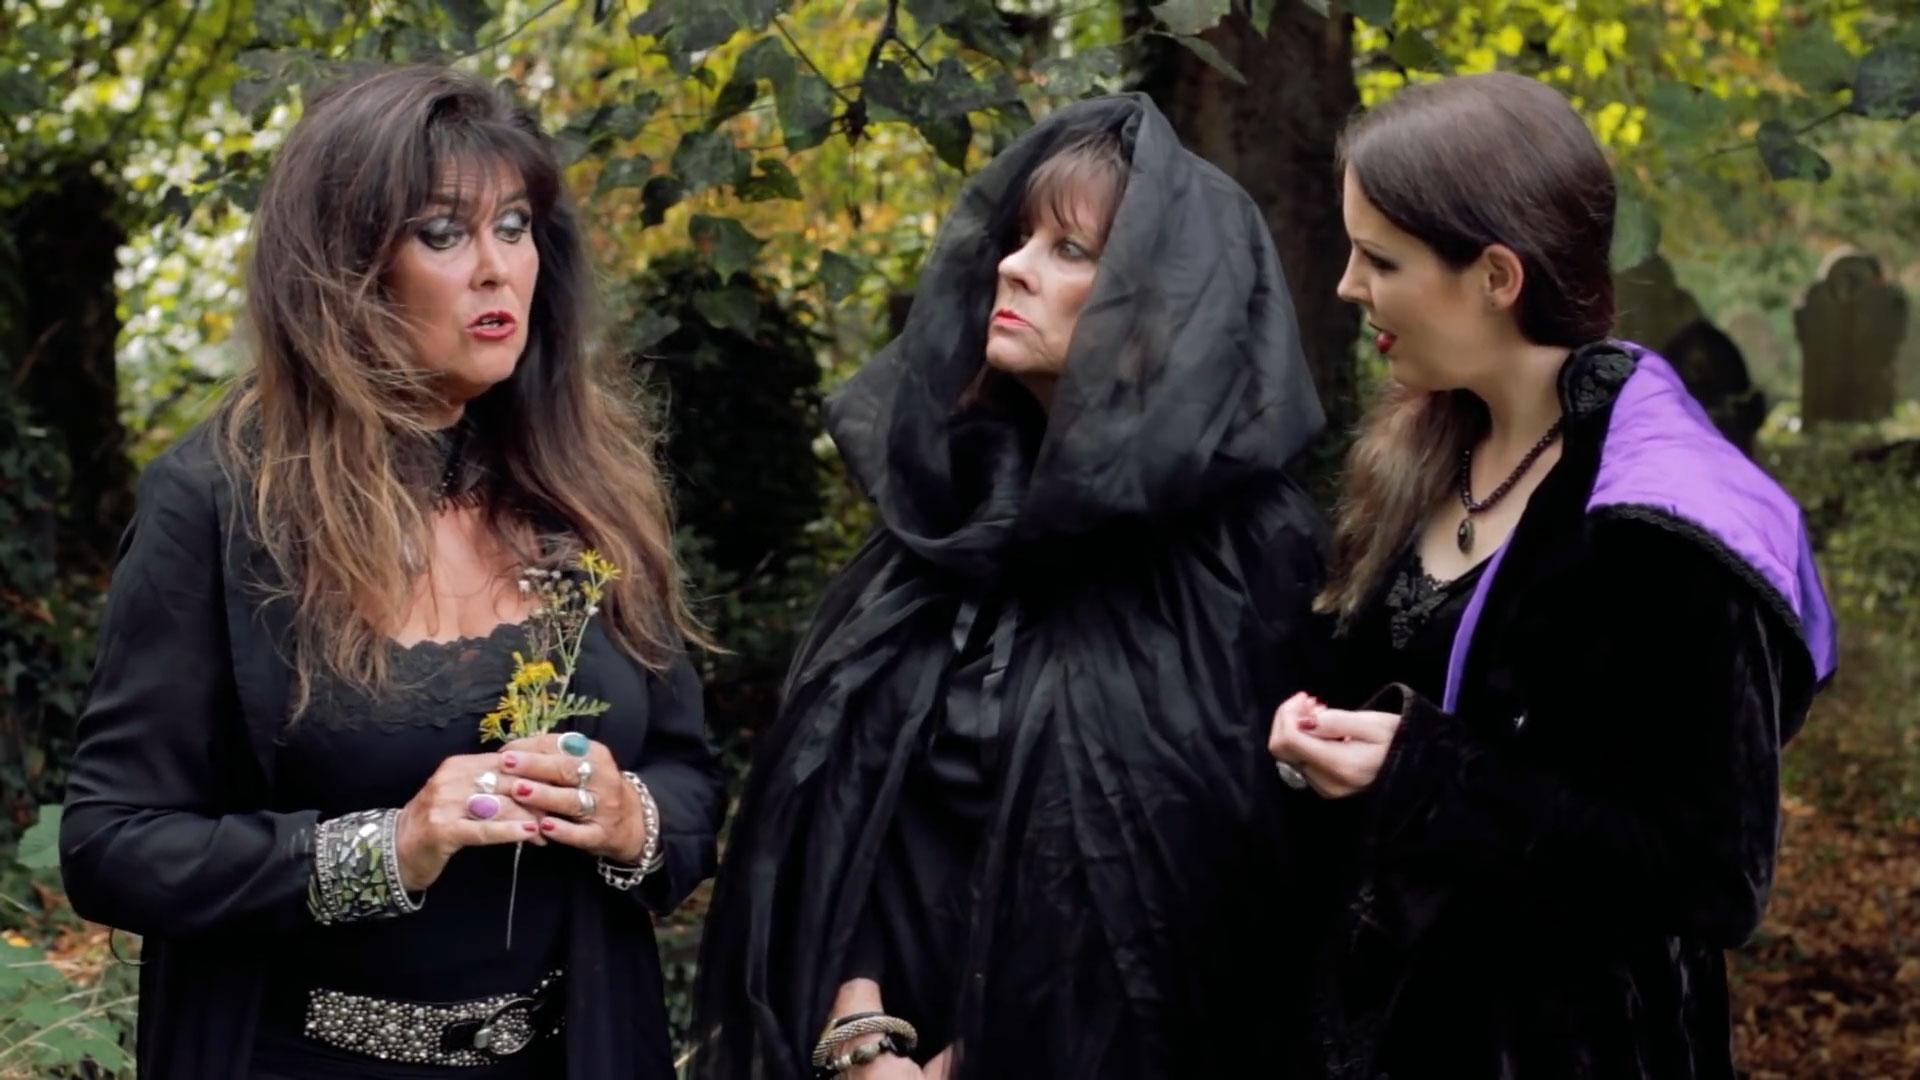 FRANKULA_vampires_Clarissa_Vera_and_Agnes_meet.jpg